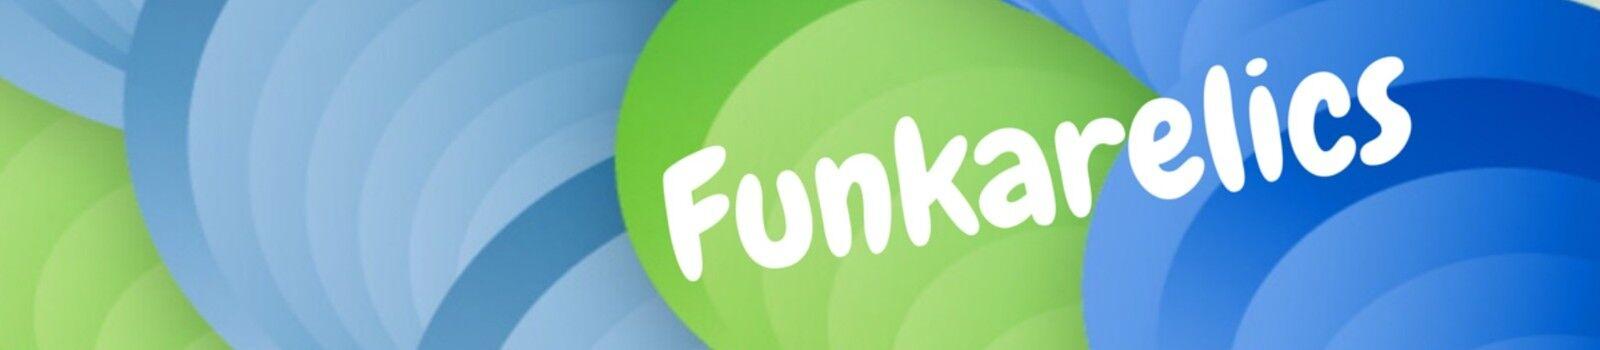 Funkarelics